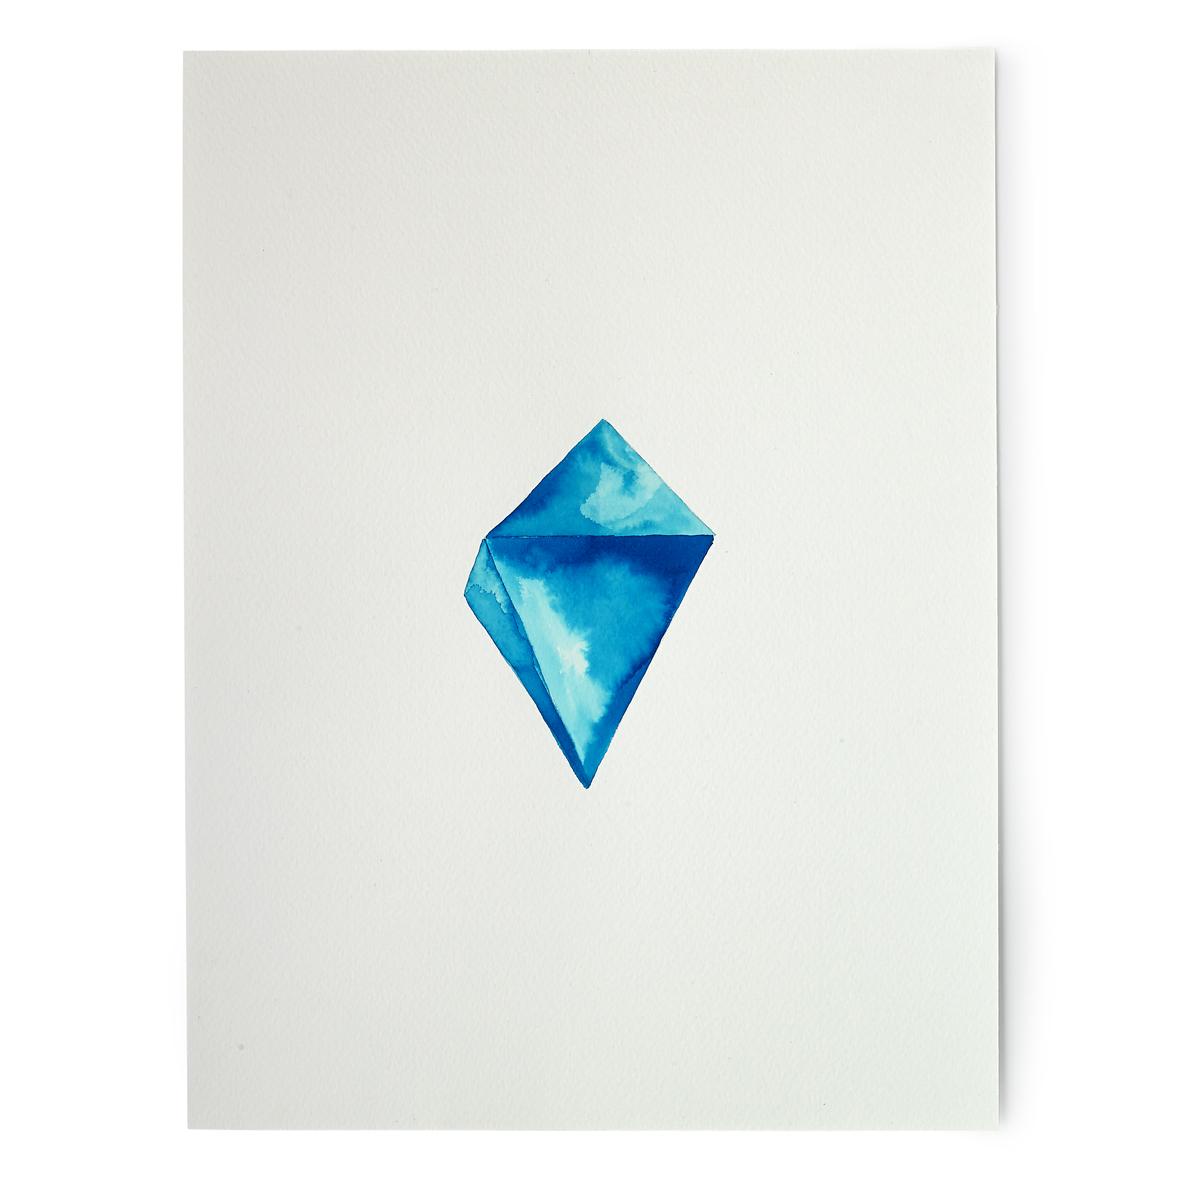 Turquoise Crystal Digital Print.